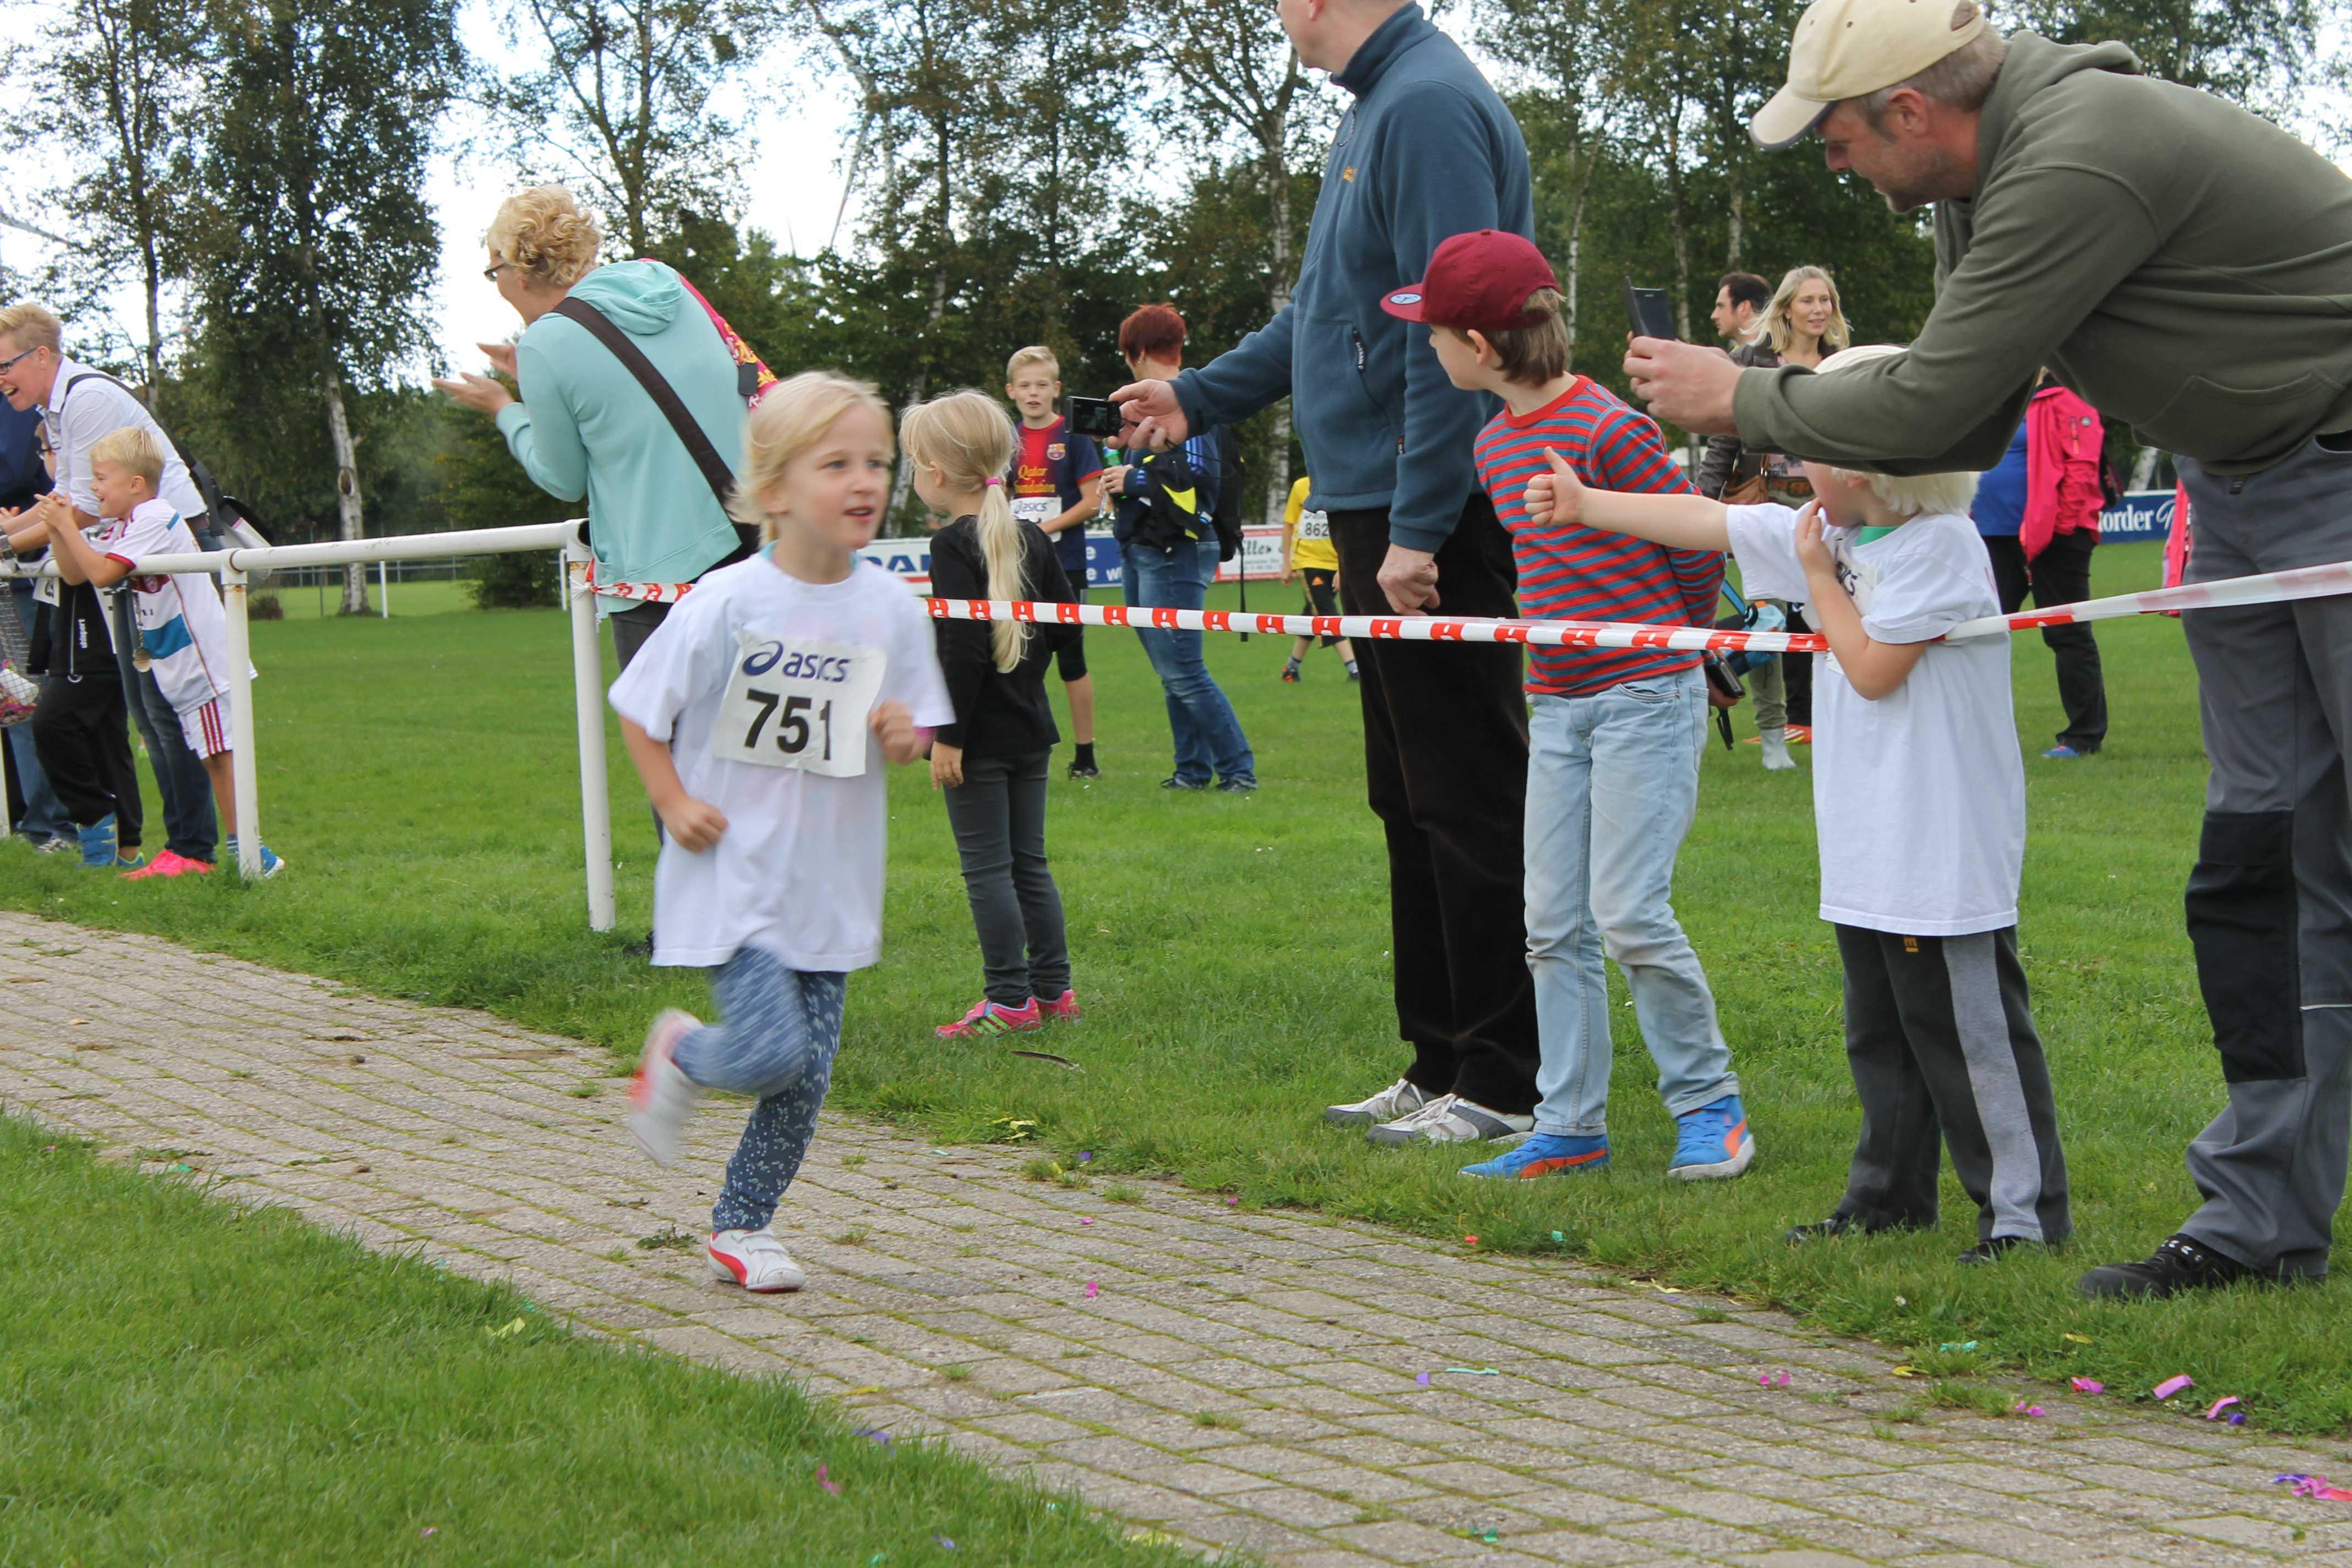 2015-09-26 Vezi Lauf (227)